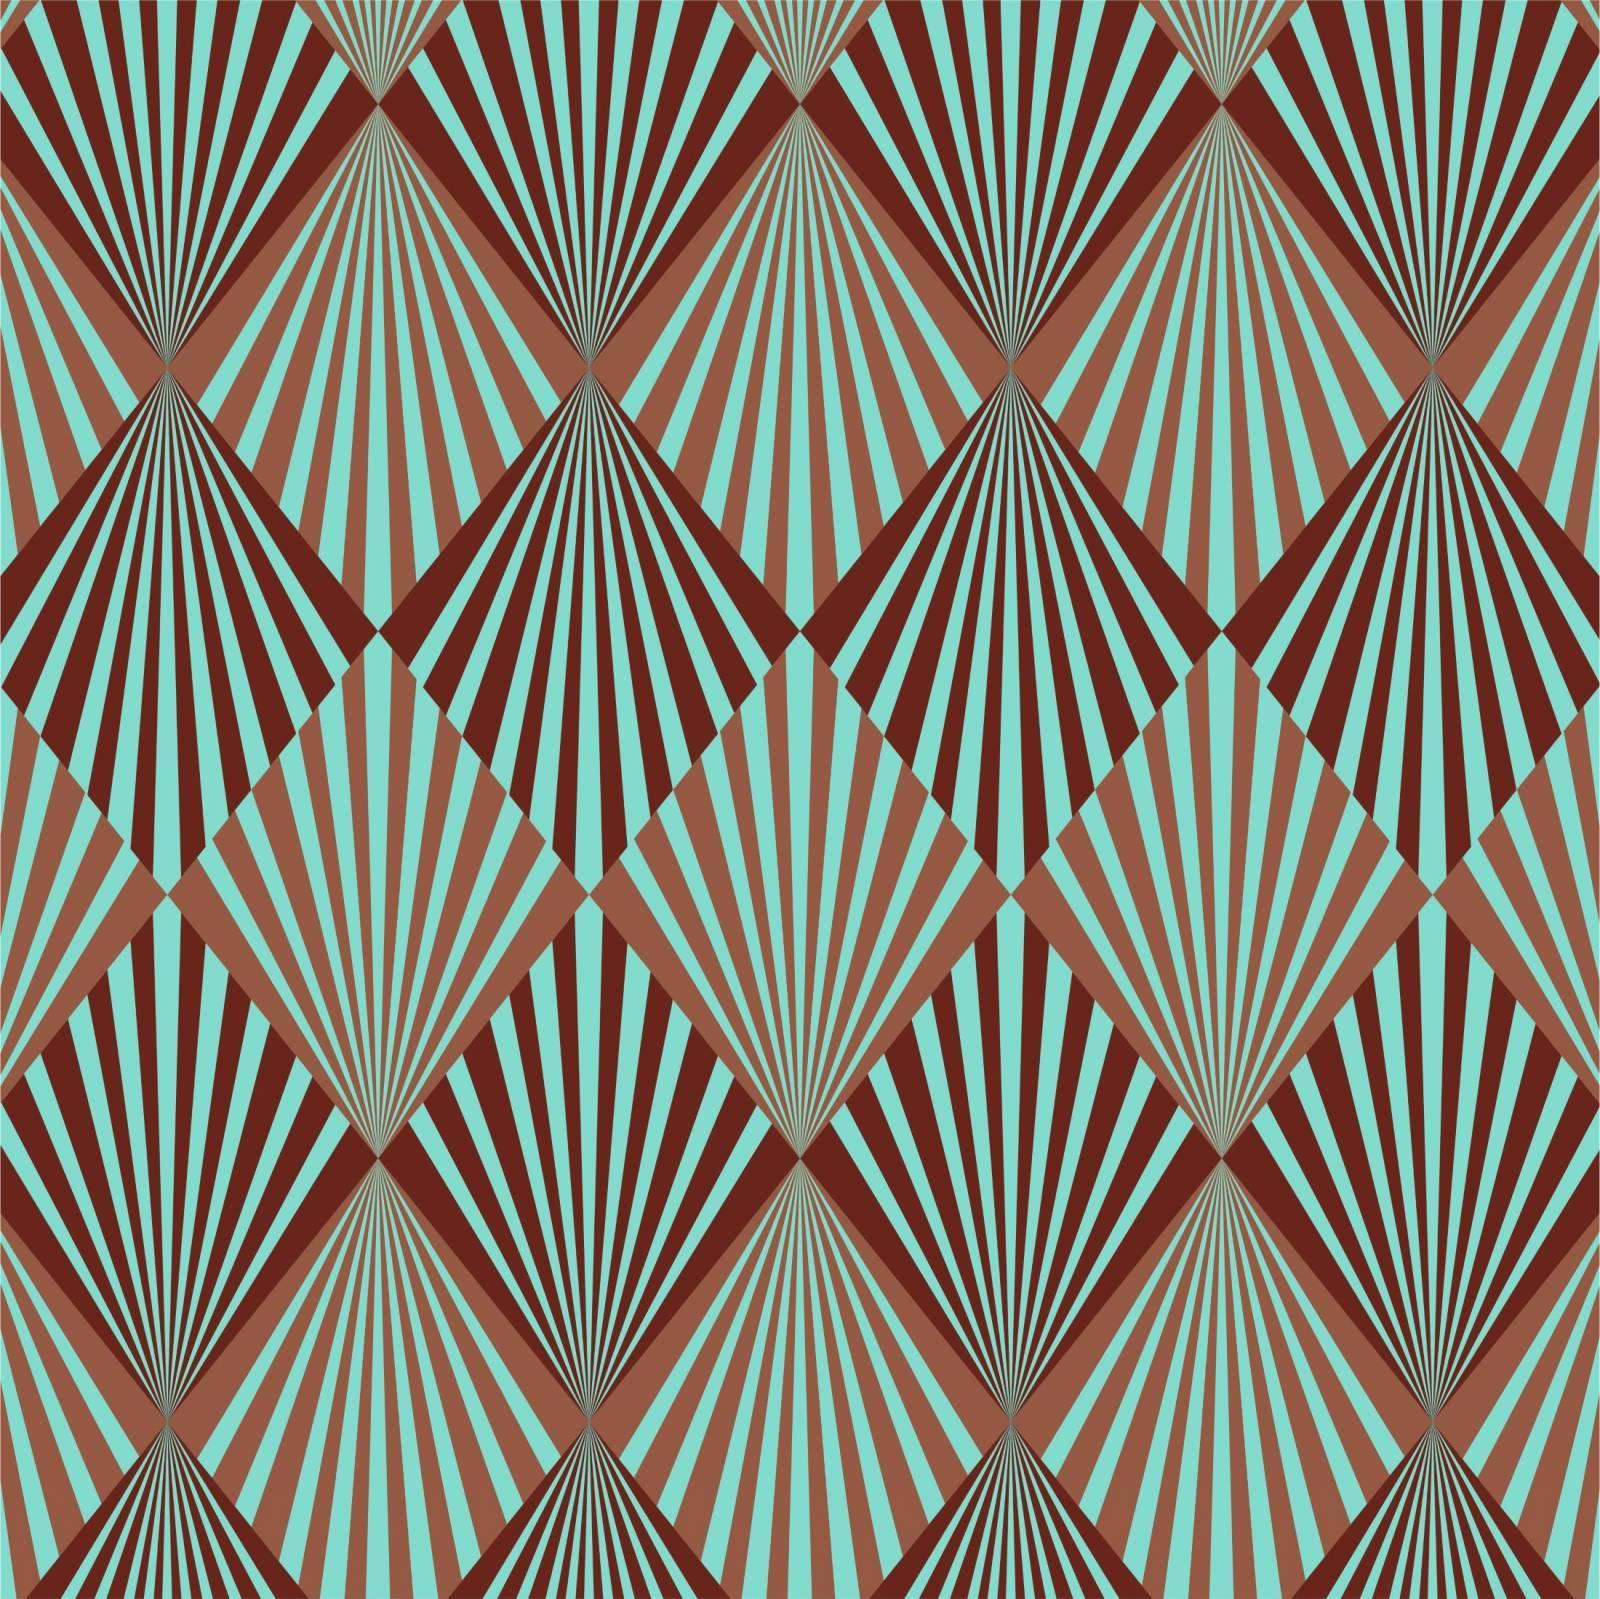 Papel de parede adesivo geometrico retro redecorei - Papel de pared retro ...